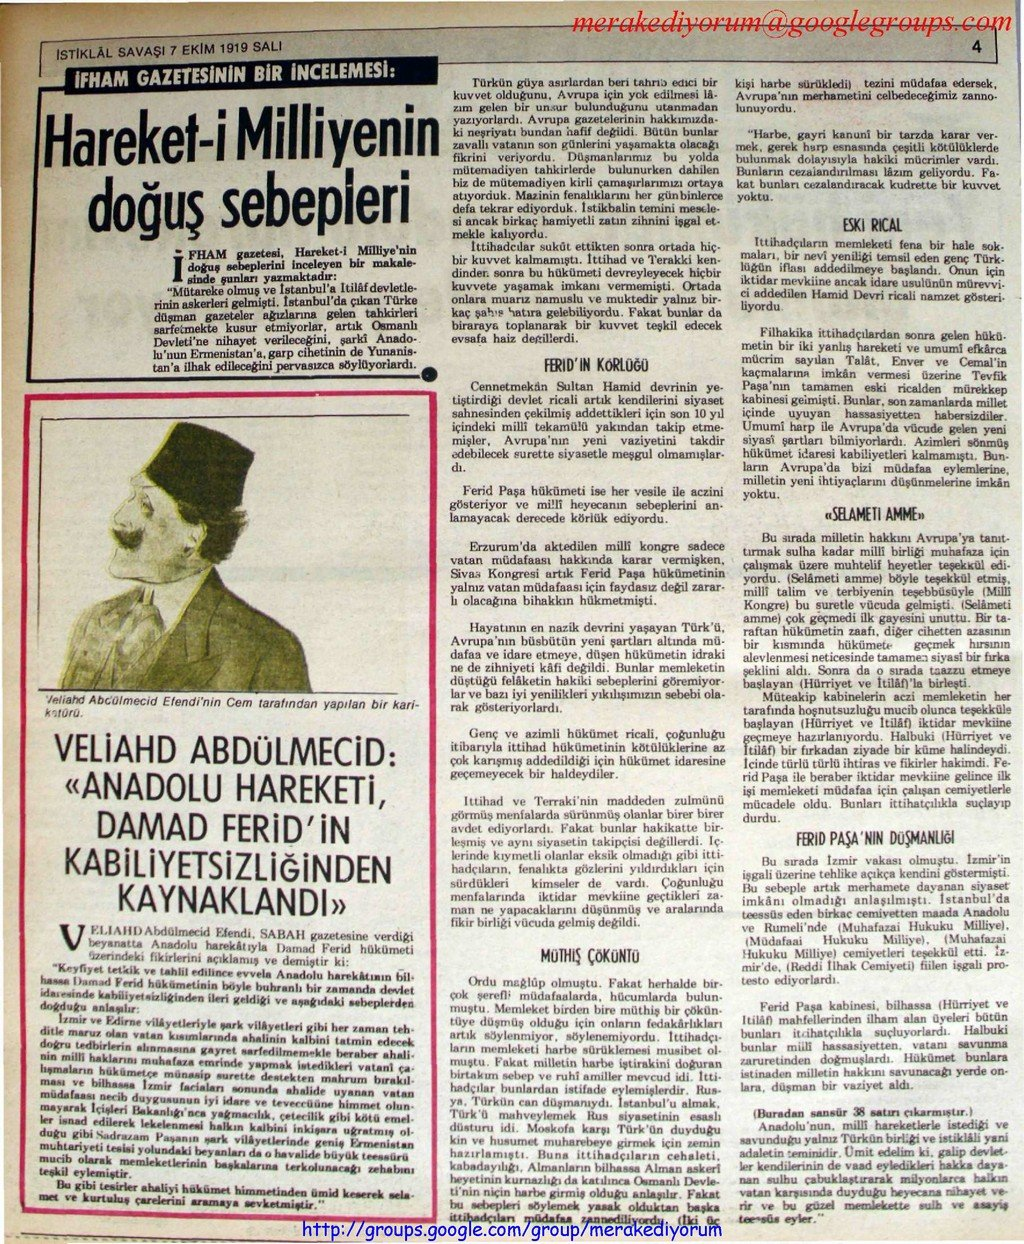 istiklal savaşı gazetesi - 7 ekim 1919